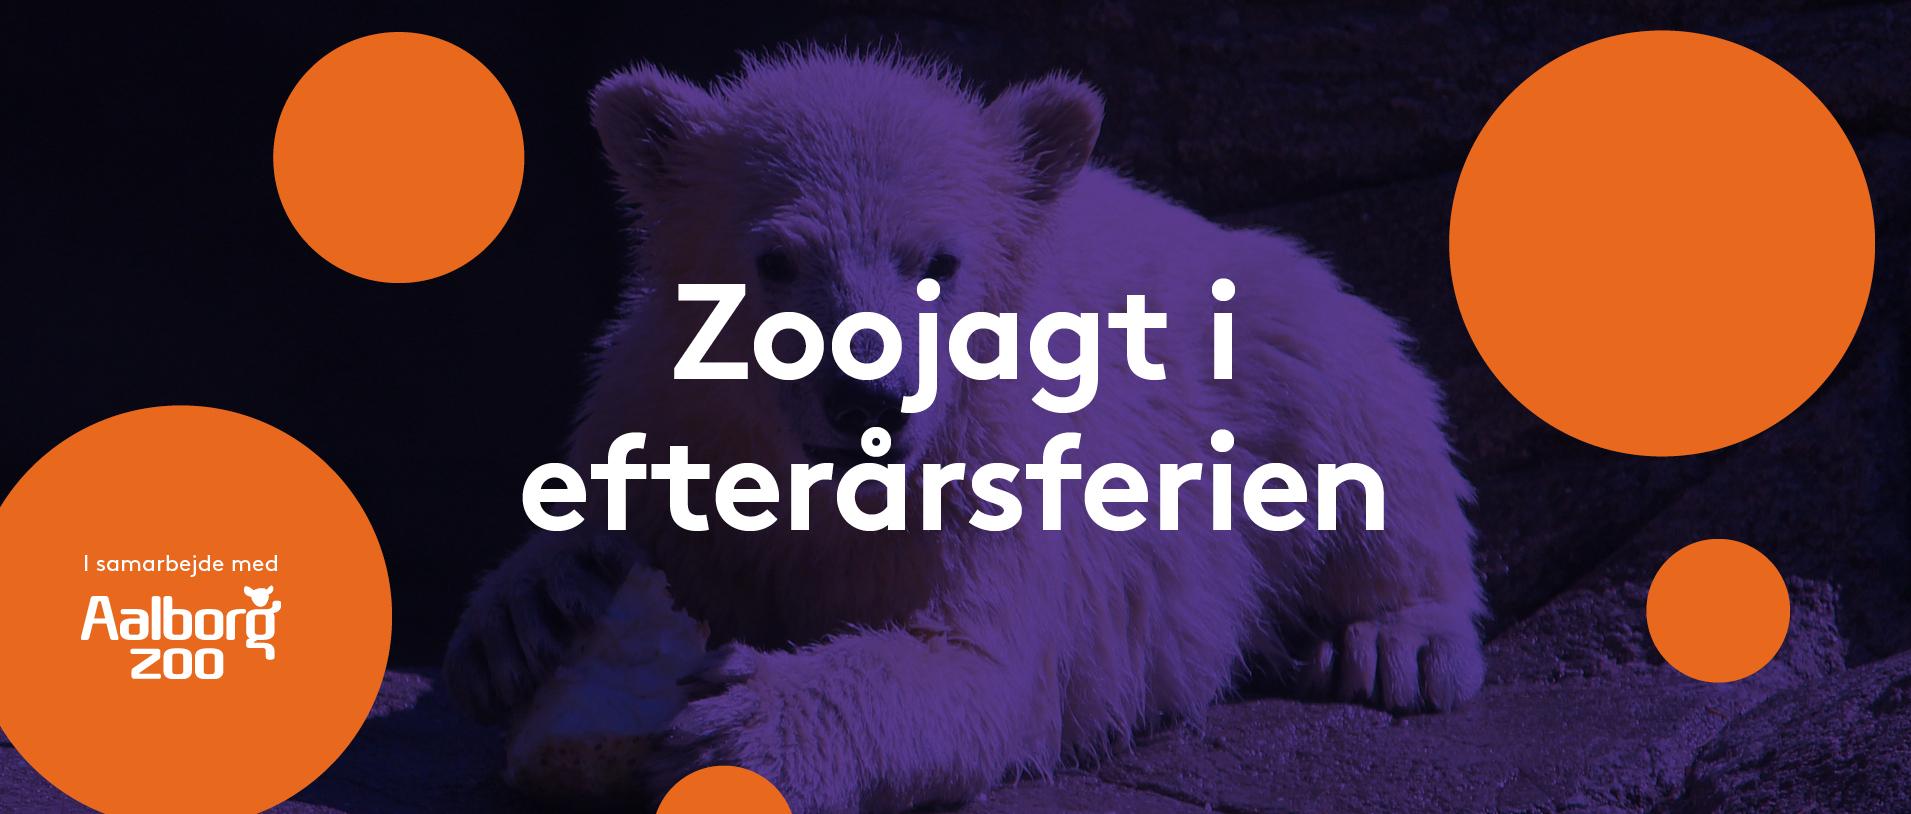 Masser af sjov i Friis i efterårsferien: Find de forsvundne dyr til Zoojagt